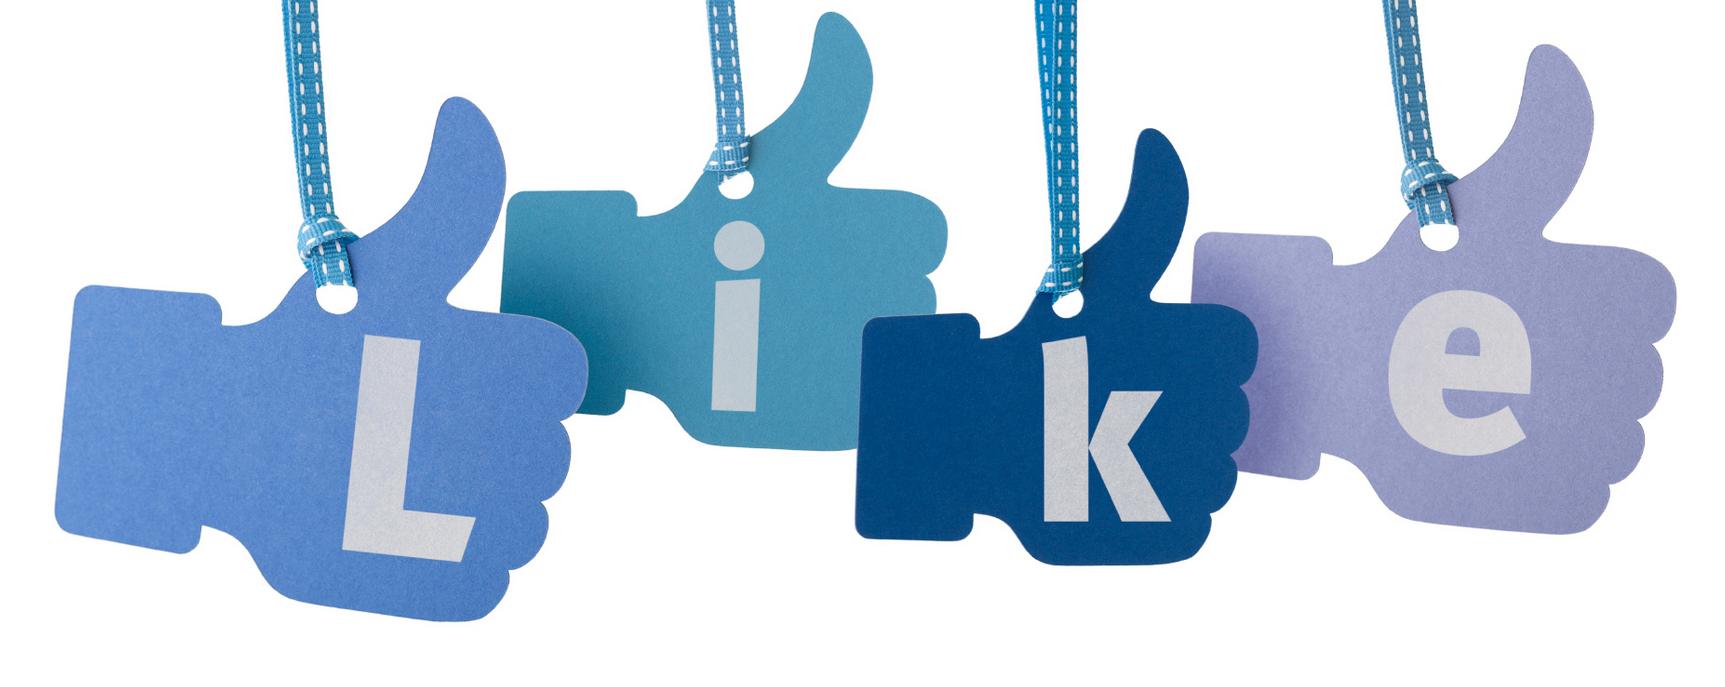 facebook_like.jpg  1960×980